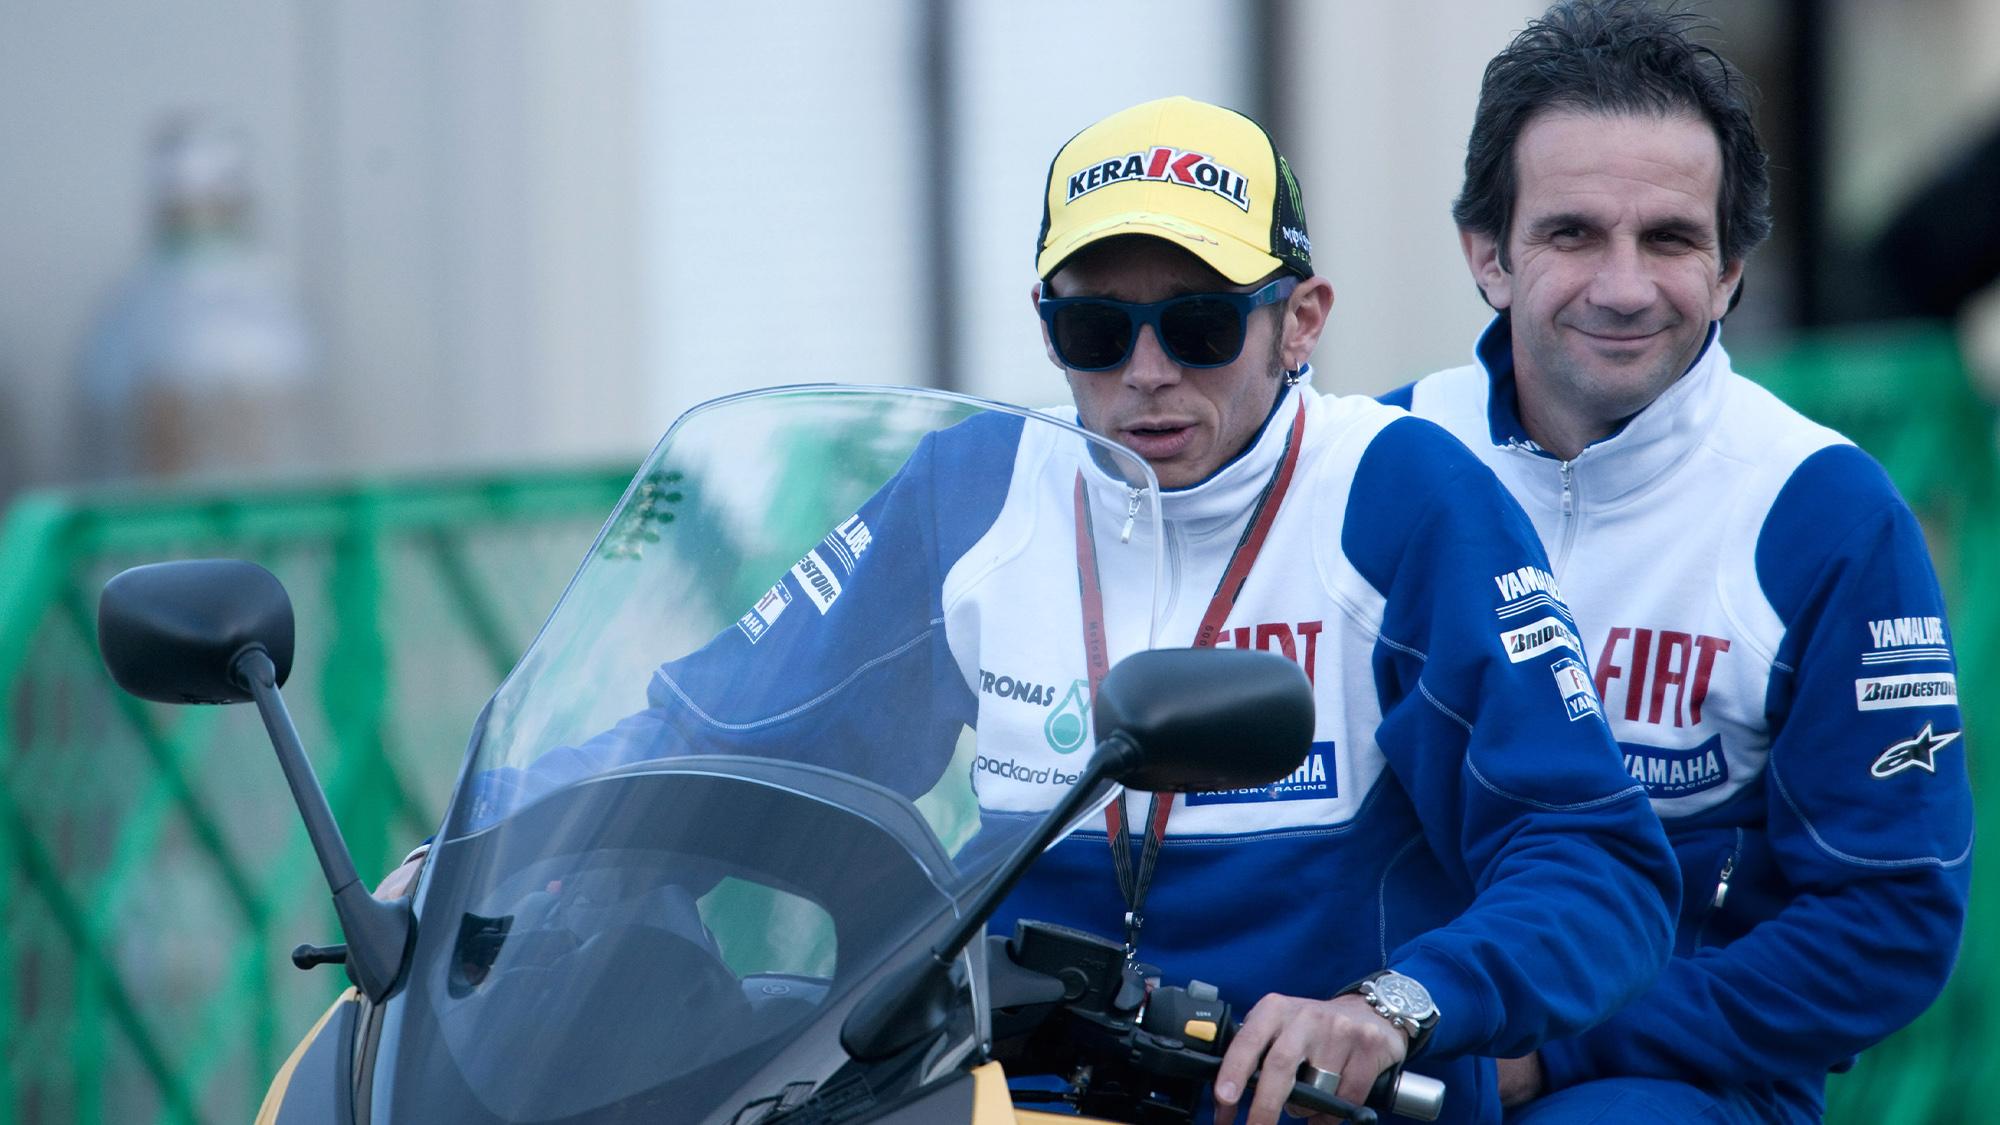 Valentino Rossi with Davide Brivio in 2009